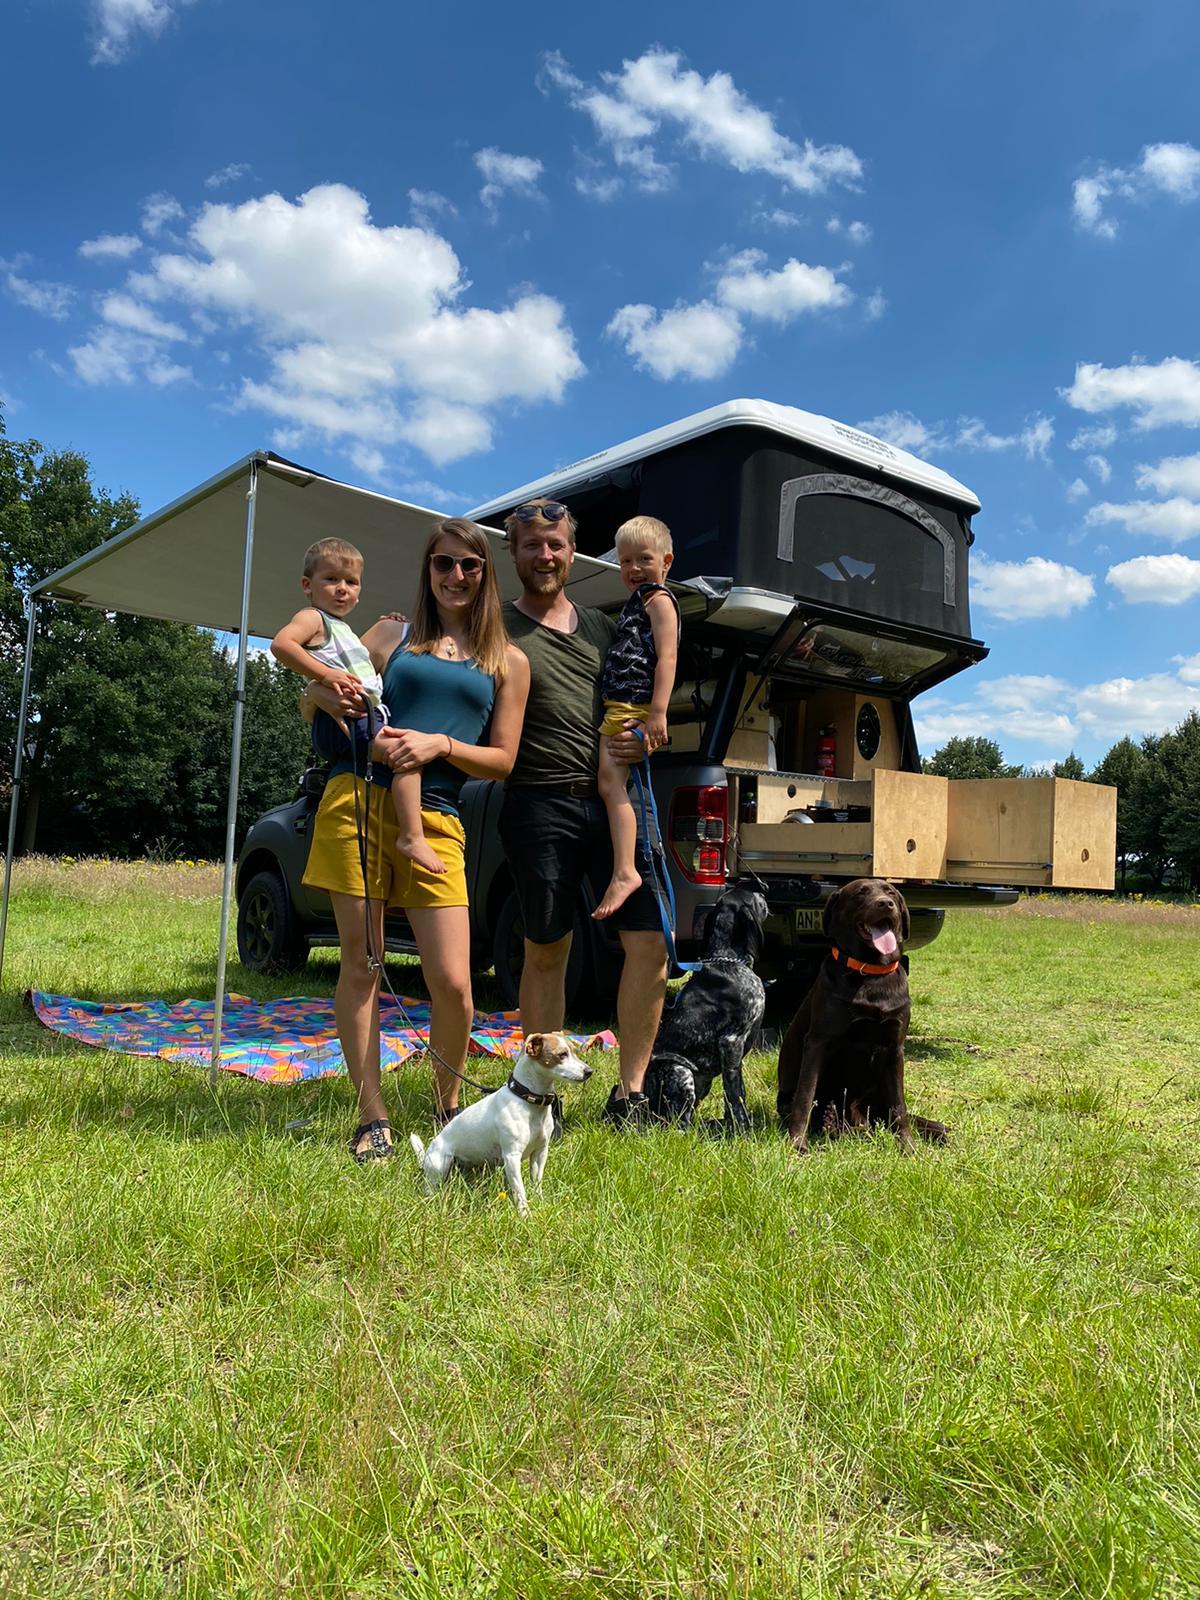 Familie mit zwei Kindern und drei Hunden vor einem Fahrzeug mit Dachzelt, Markise und ausgefahrenen Schubladen